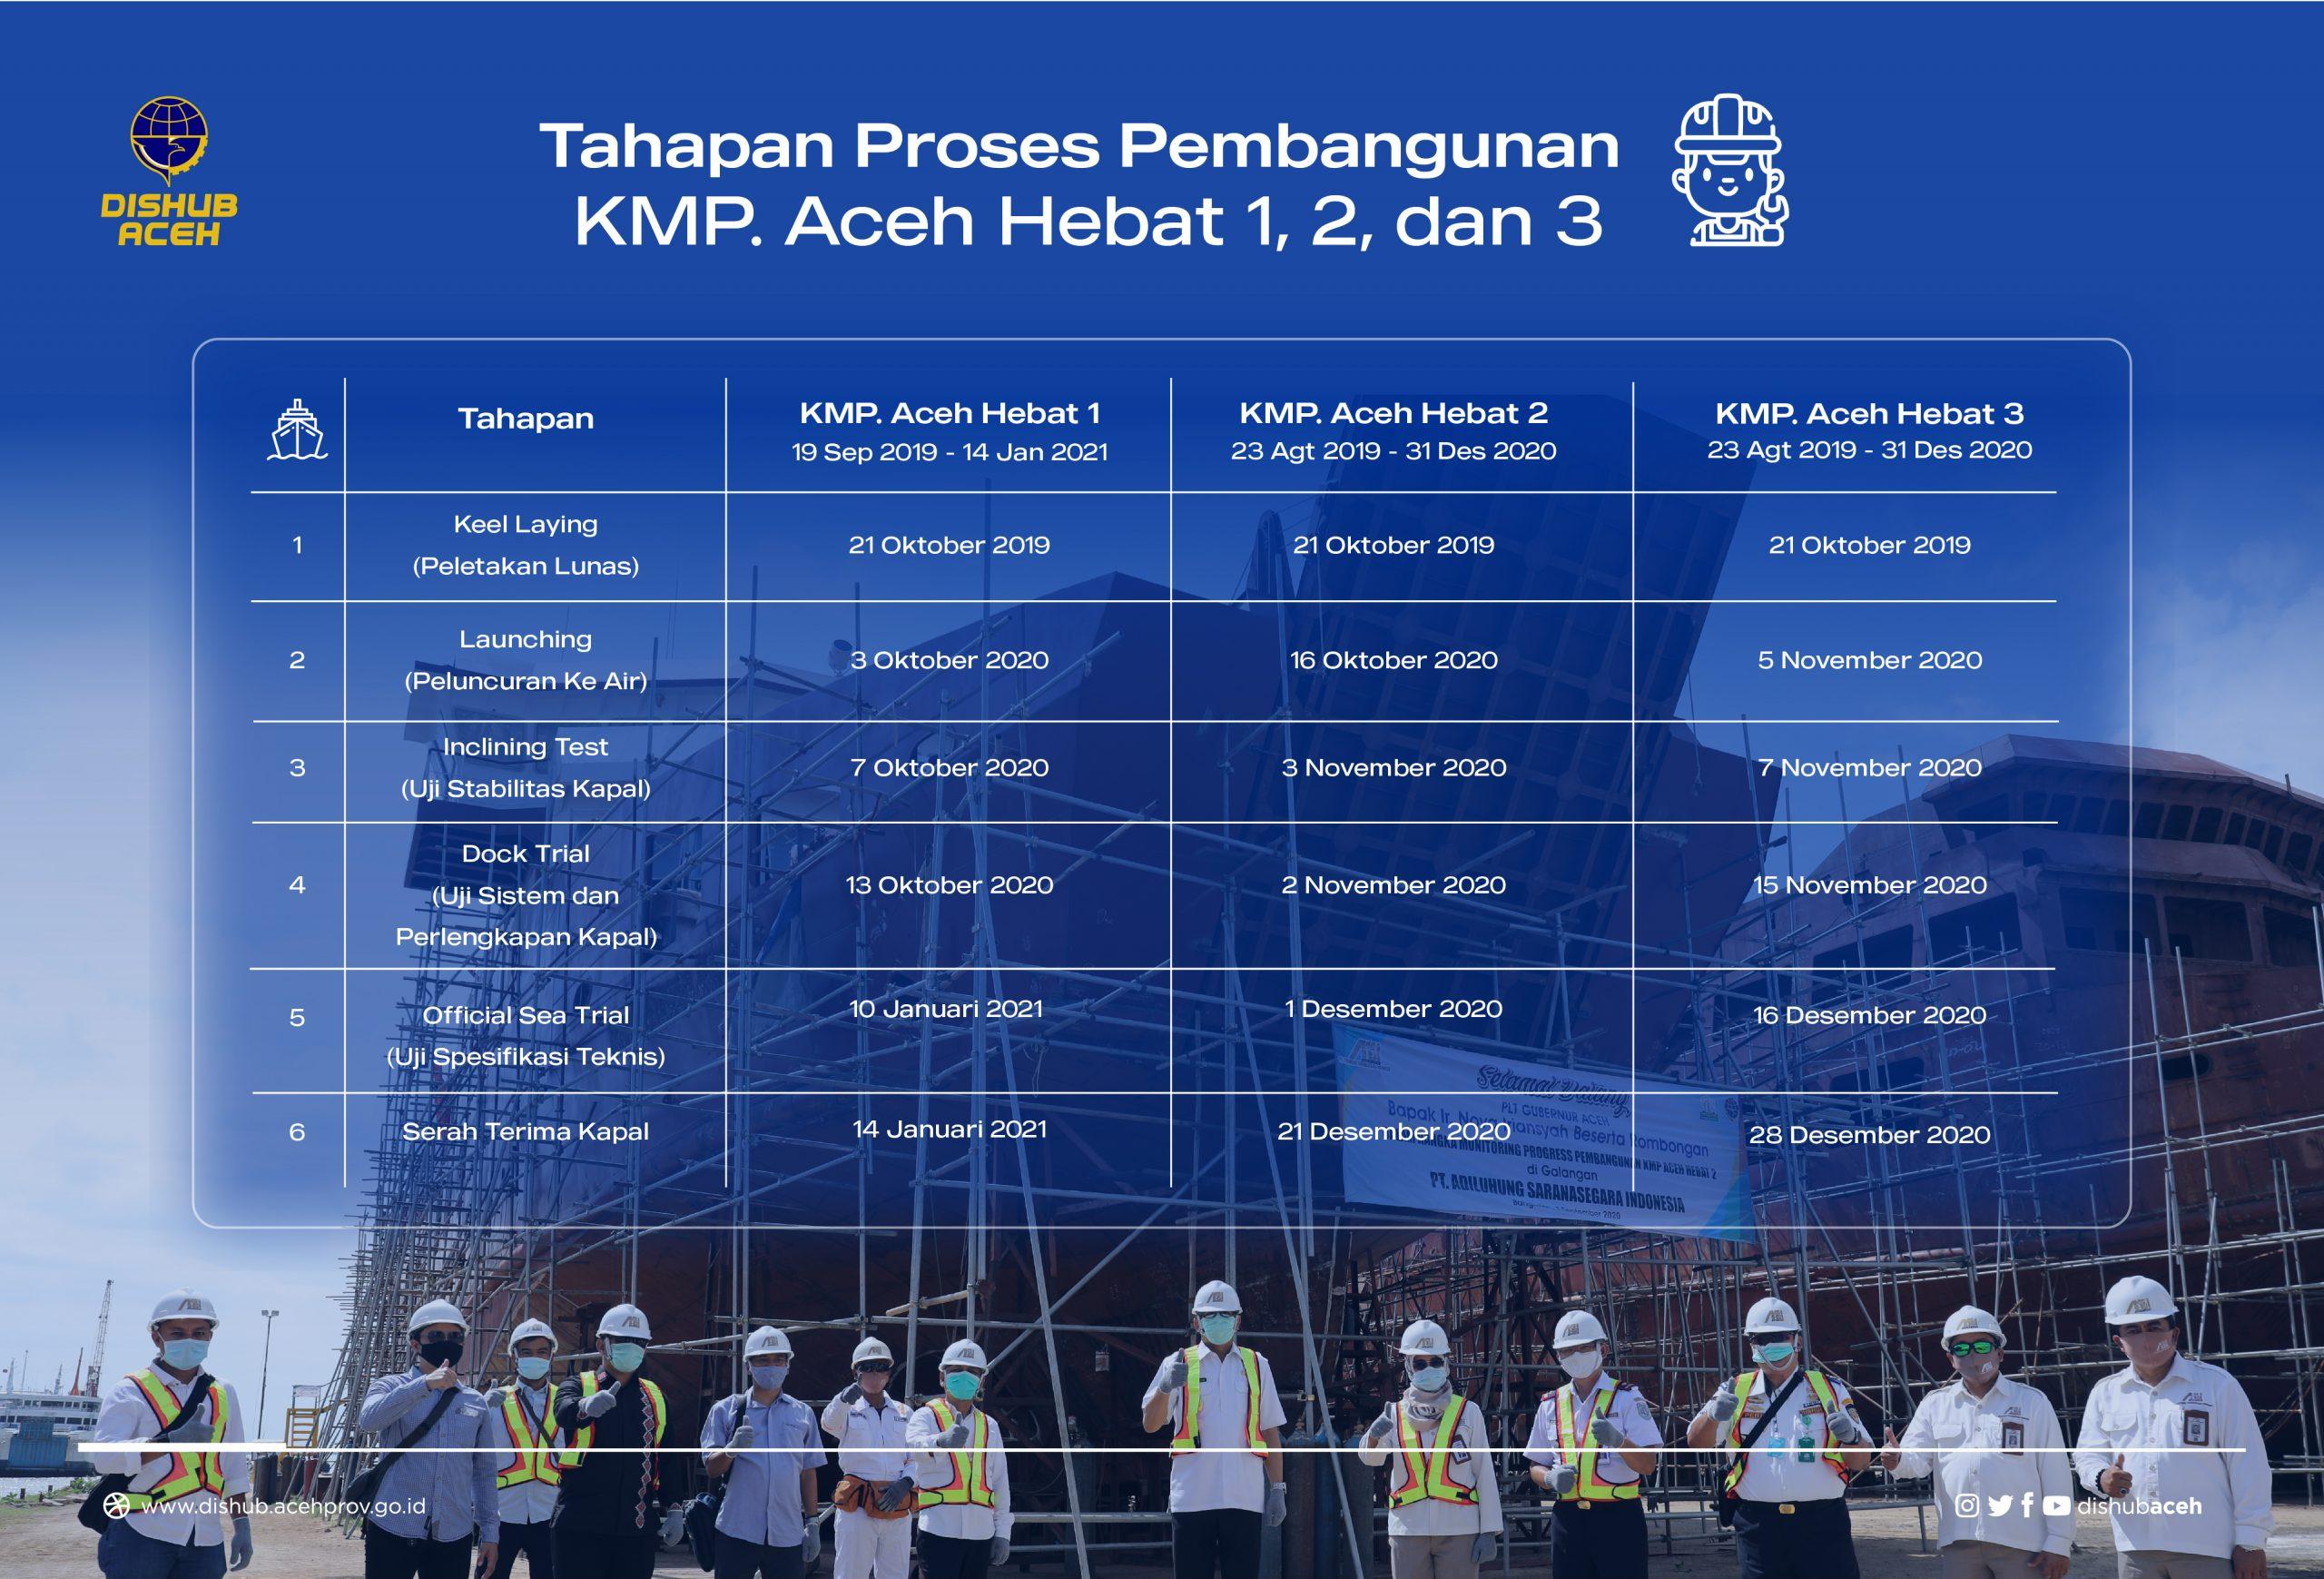 Infografis Tahapan Proses Pembangunan KMP. Aceh Hebat 1, 2, dan 3